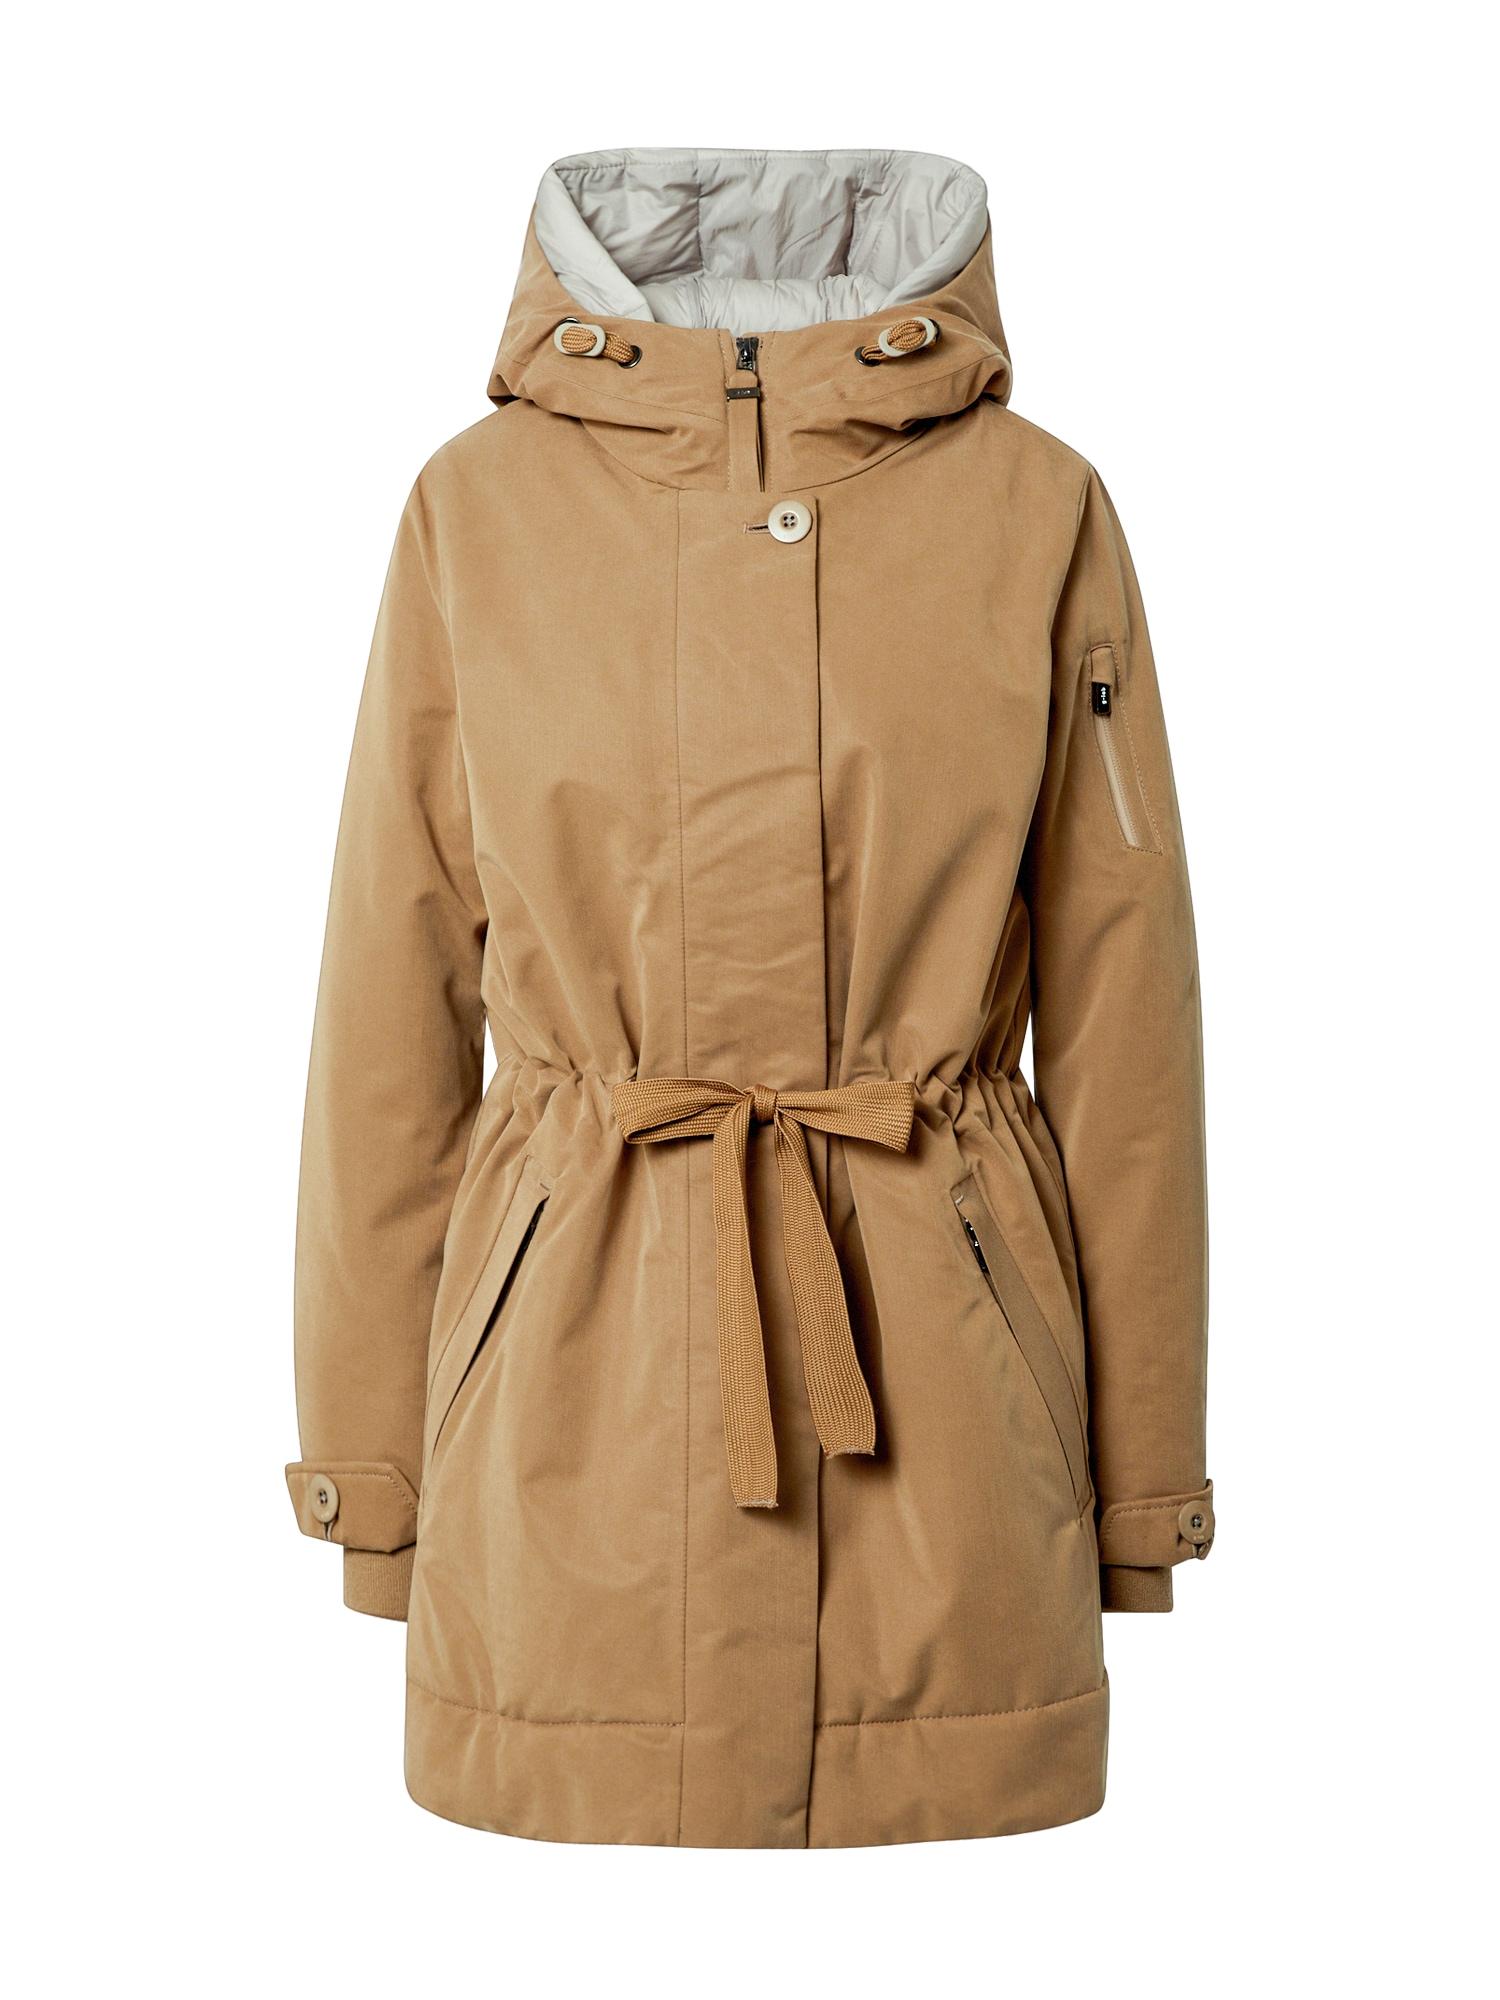 g-lab Rudeninis-žieminis paltas 'Nea' kupranugario